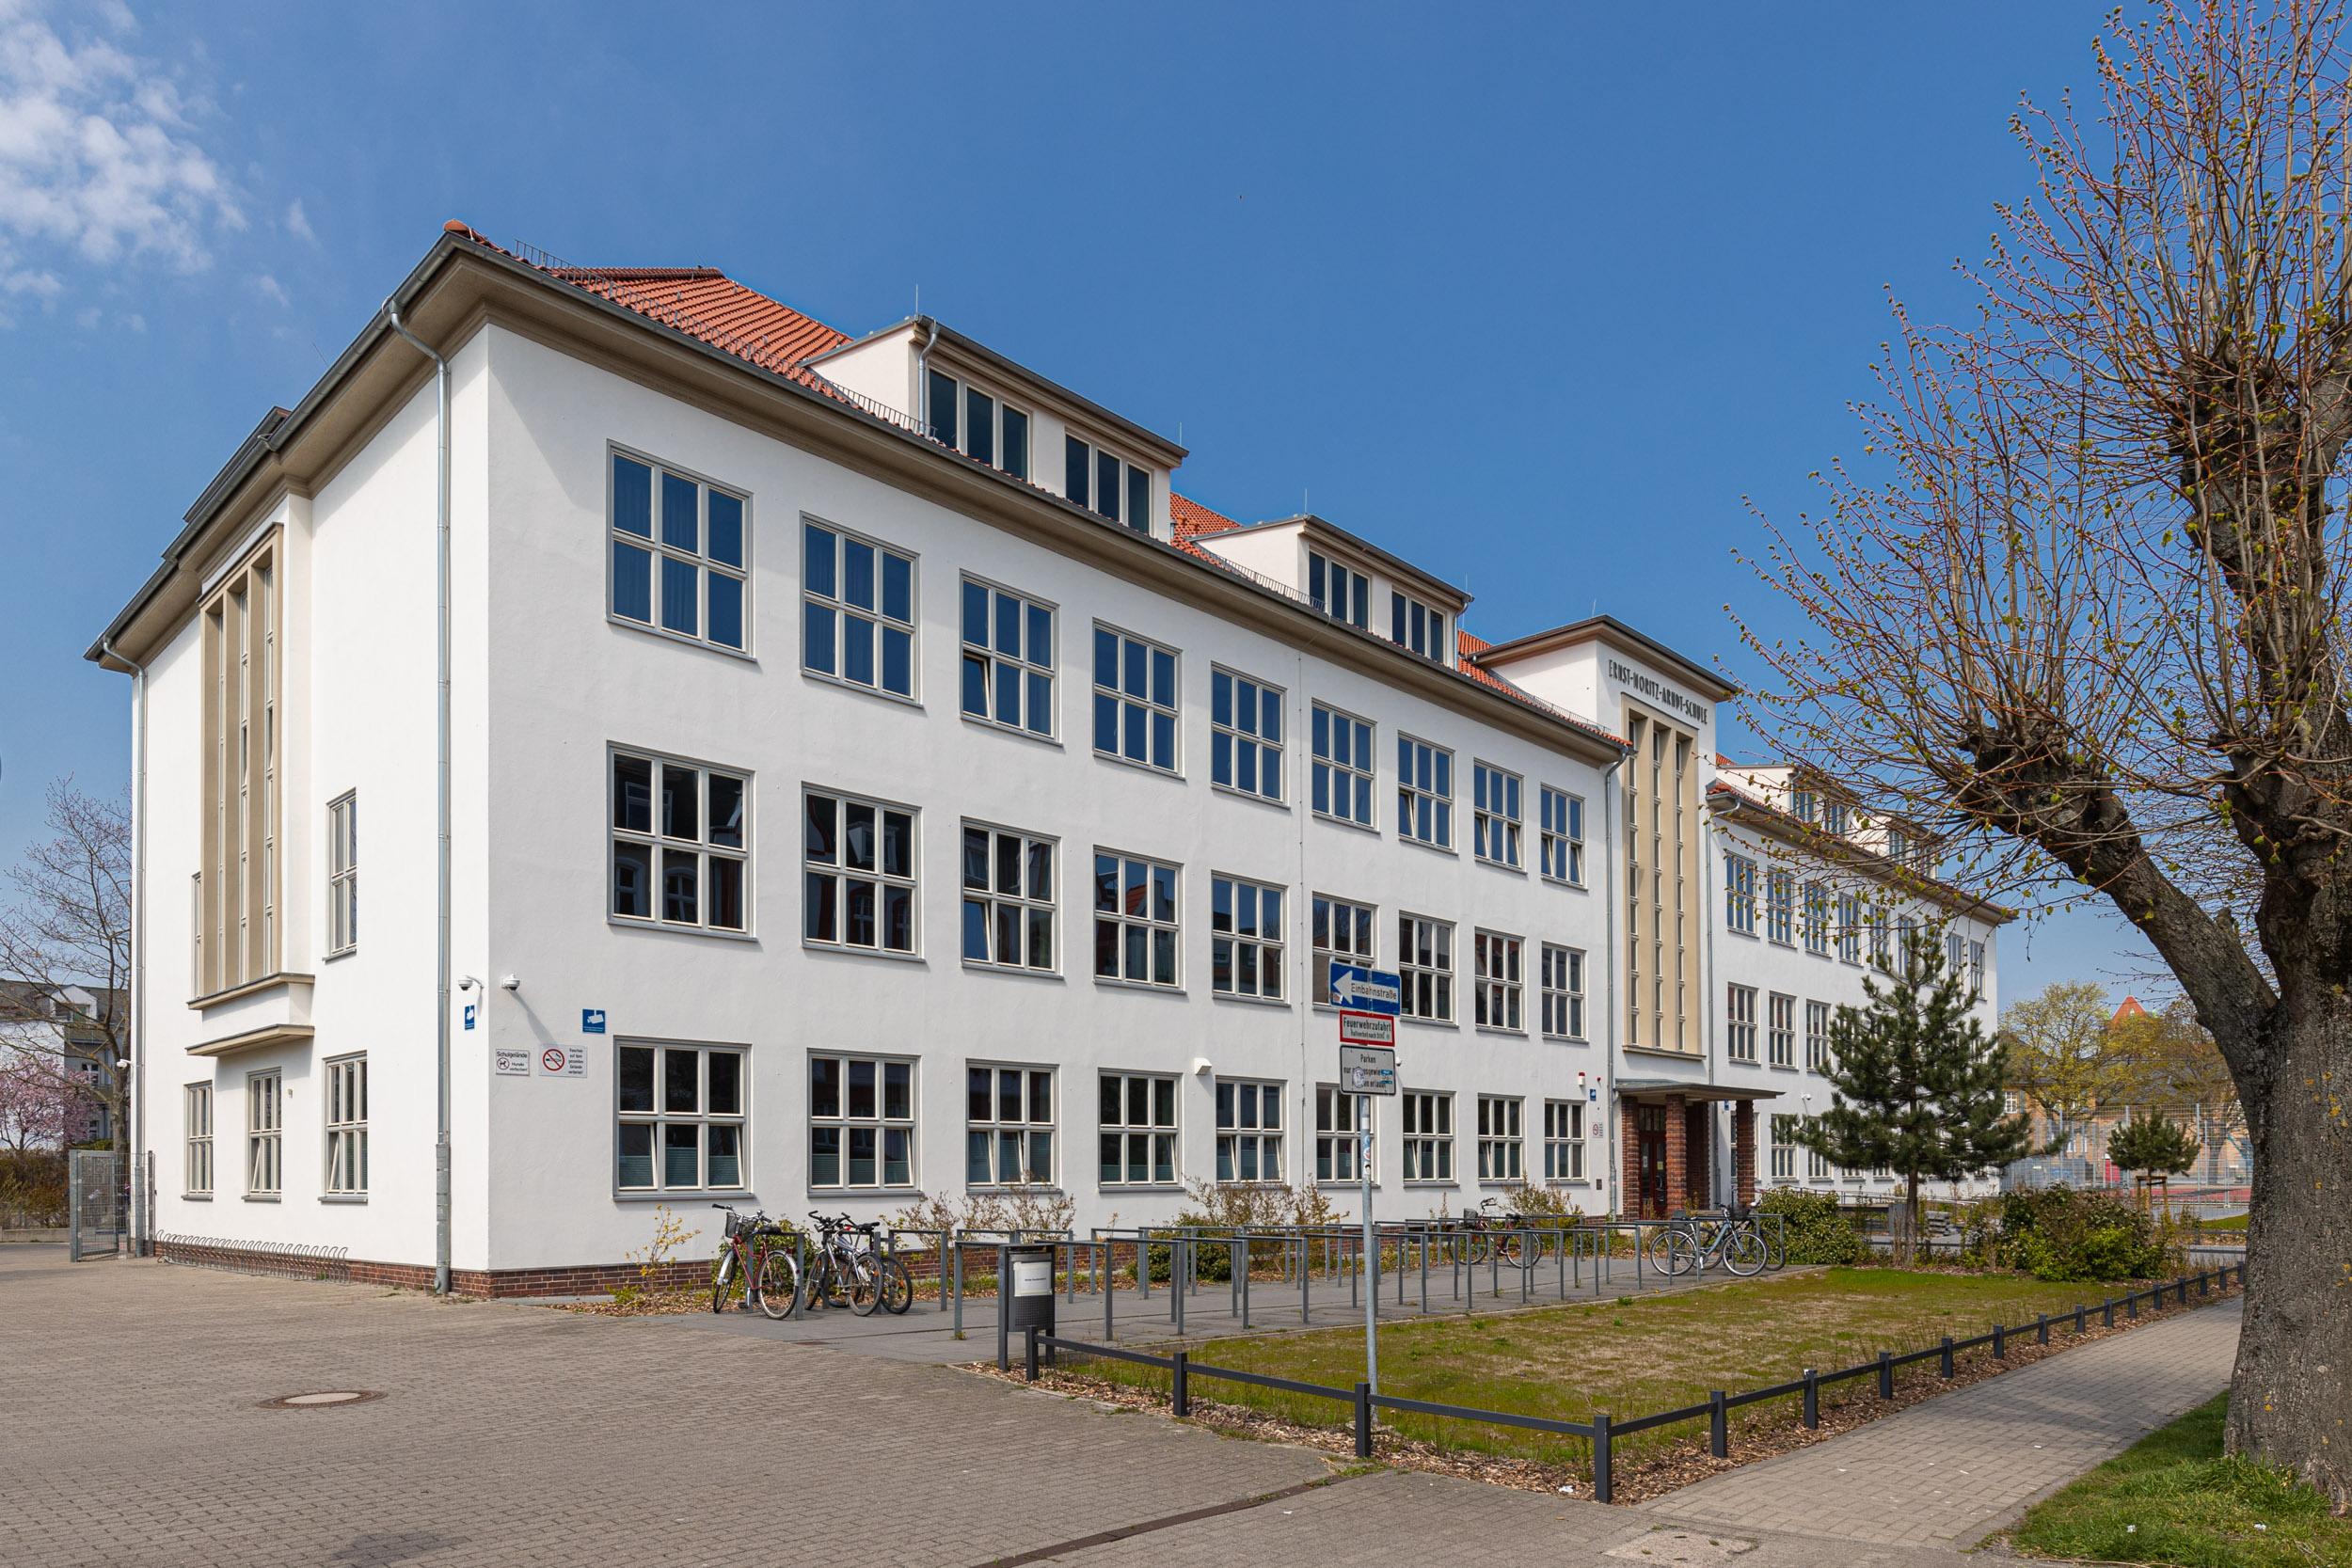 Ernst Moritz Arndtschule Greifswald